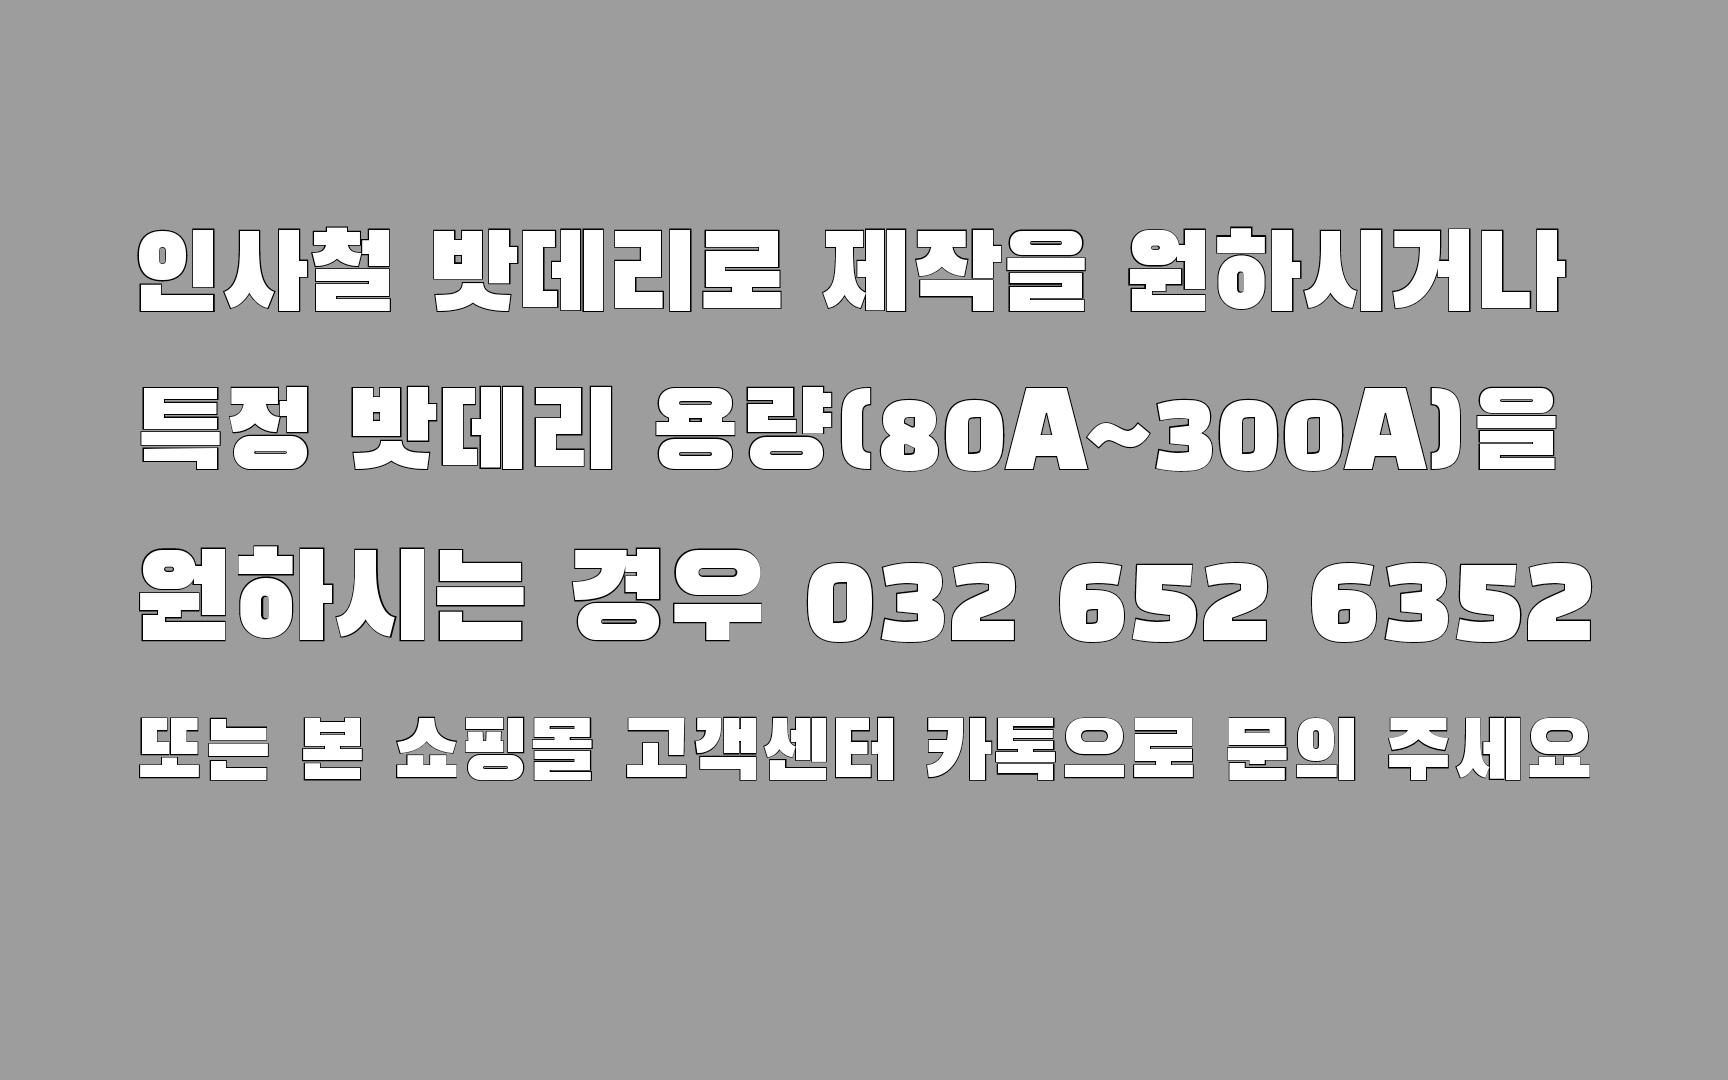 ec917f9025ecc95afcbba13043d402a6_1612334981_5507.png